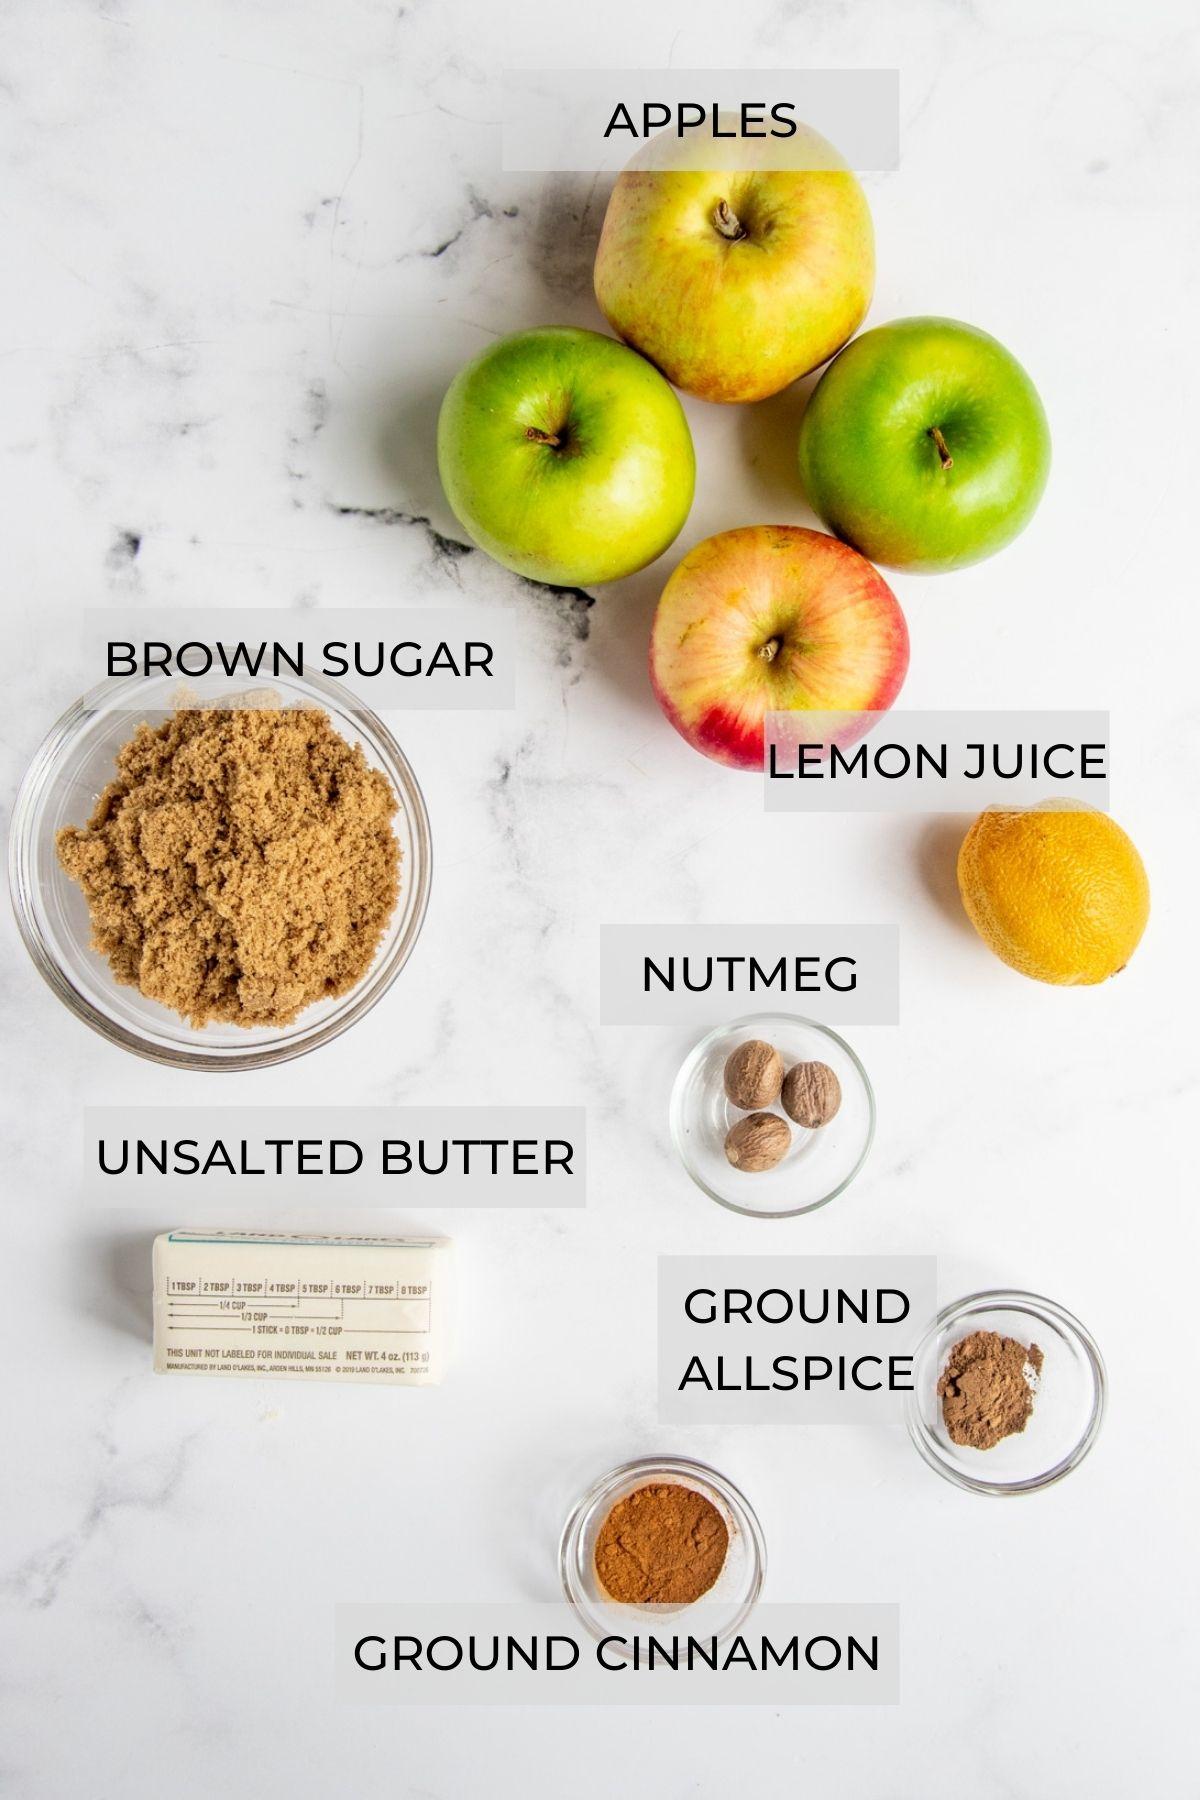 Apple Cinnamon Filling Ingredients - apples, lemon juice, nutmeg, allspice, cinnamon, butter and brown sugar